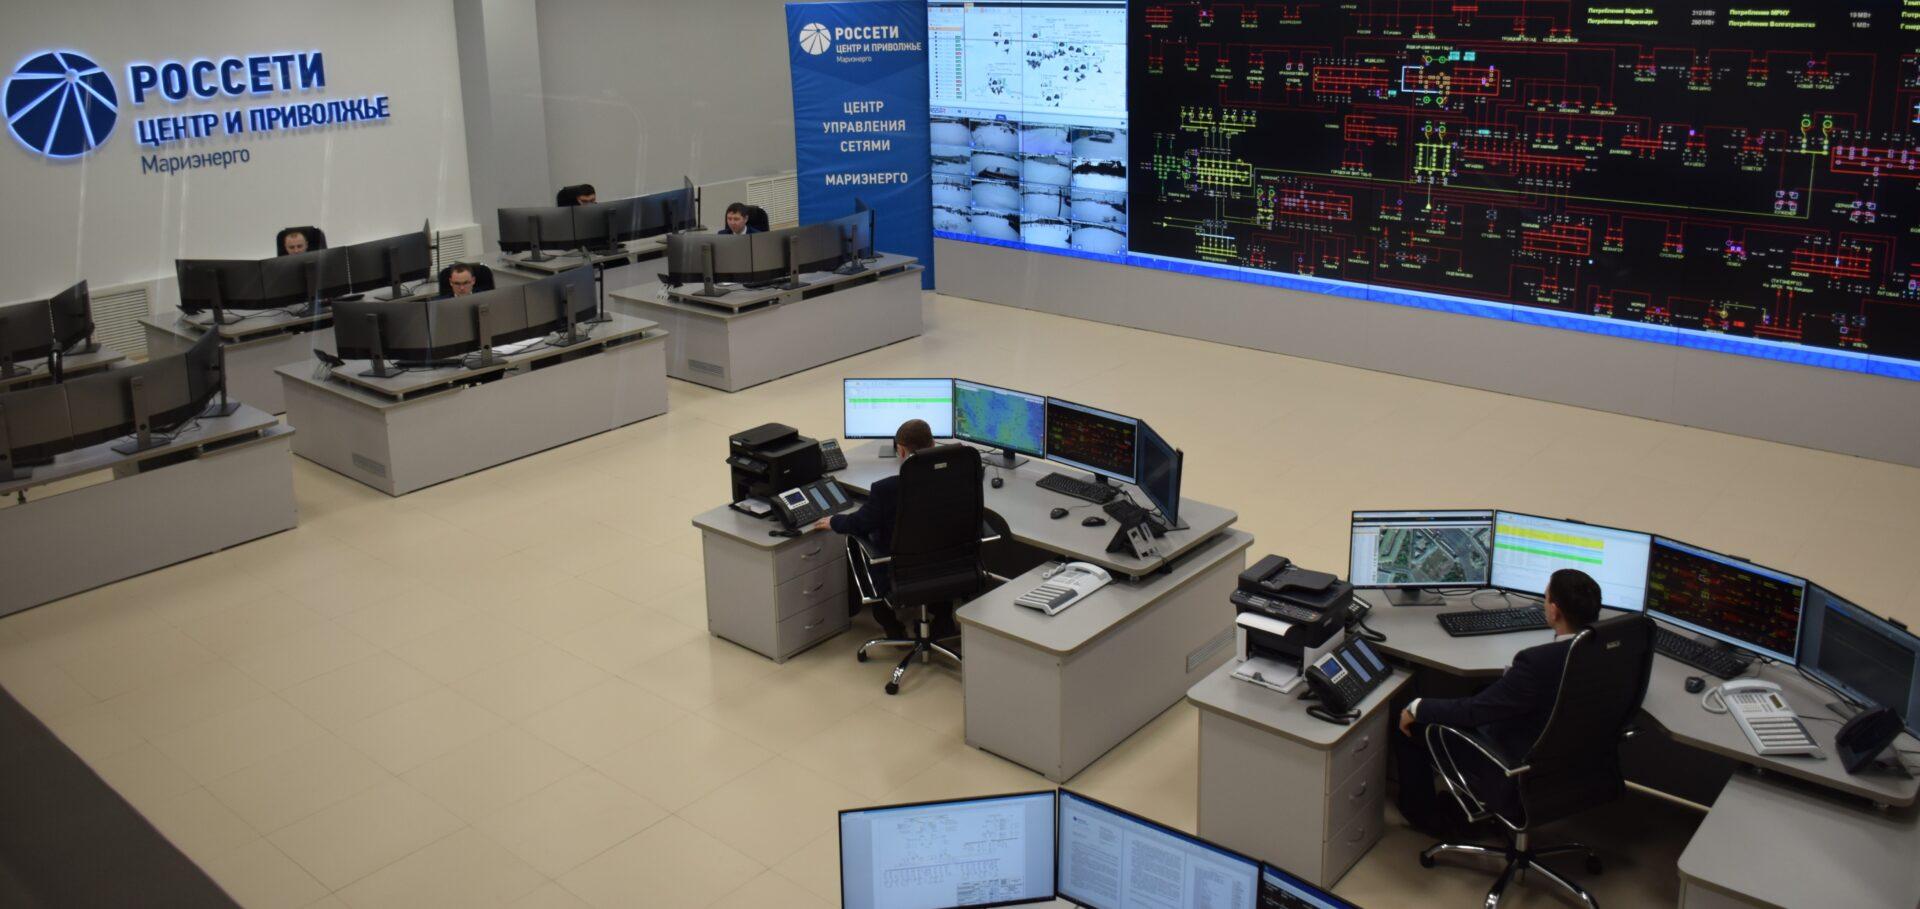 «Россети Центр и Приволжье Мариэнерго» обеспечит повышенный контроль за электроснабжением избирательных участков